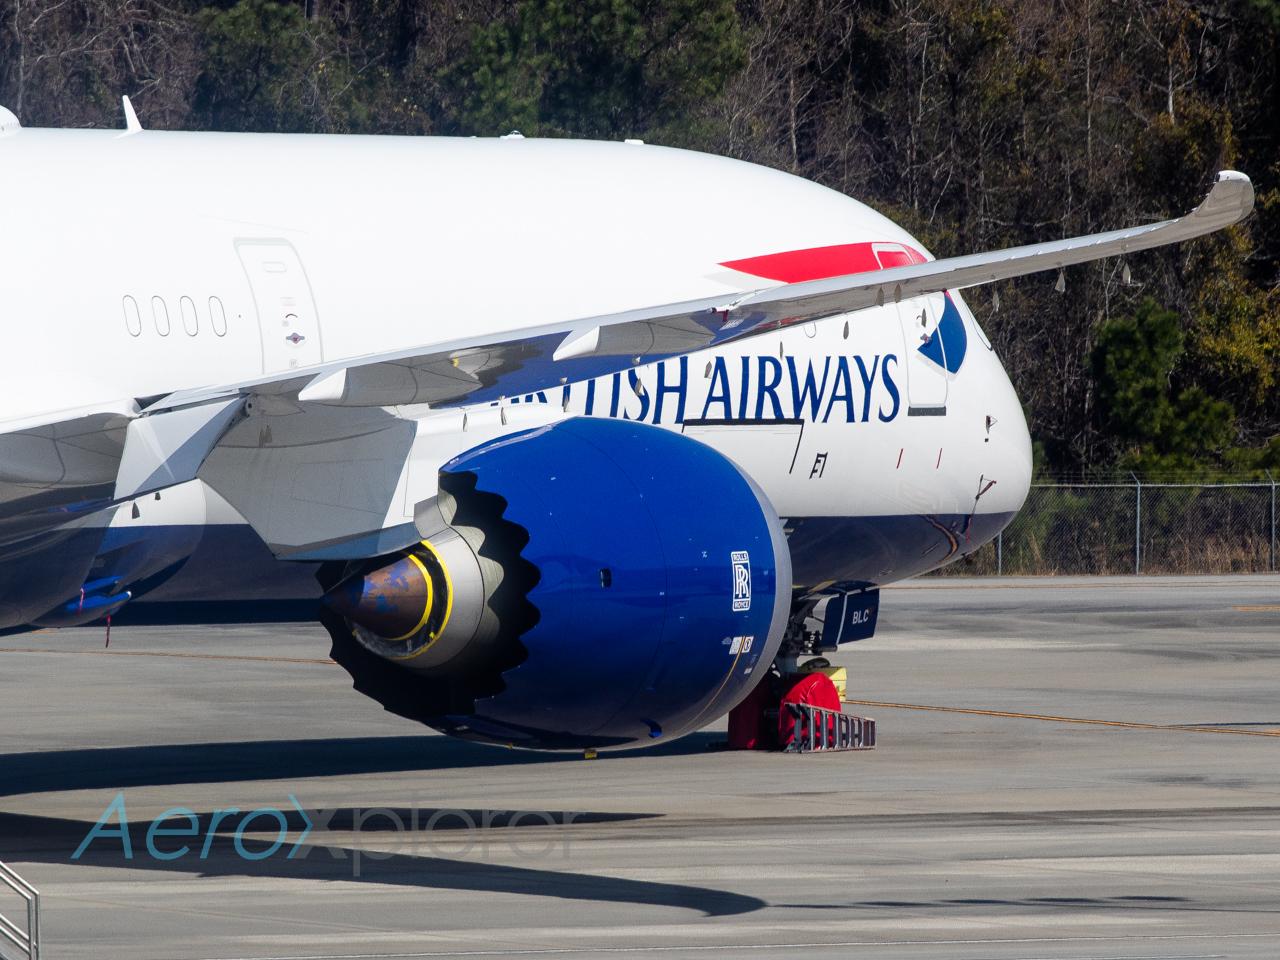 Photo of G-ZBLC - British Airways Boeing 787-10 at CHS